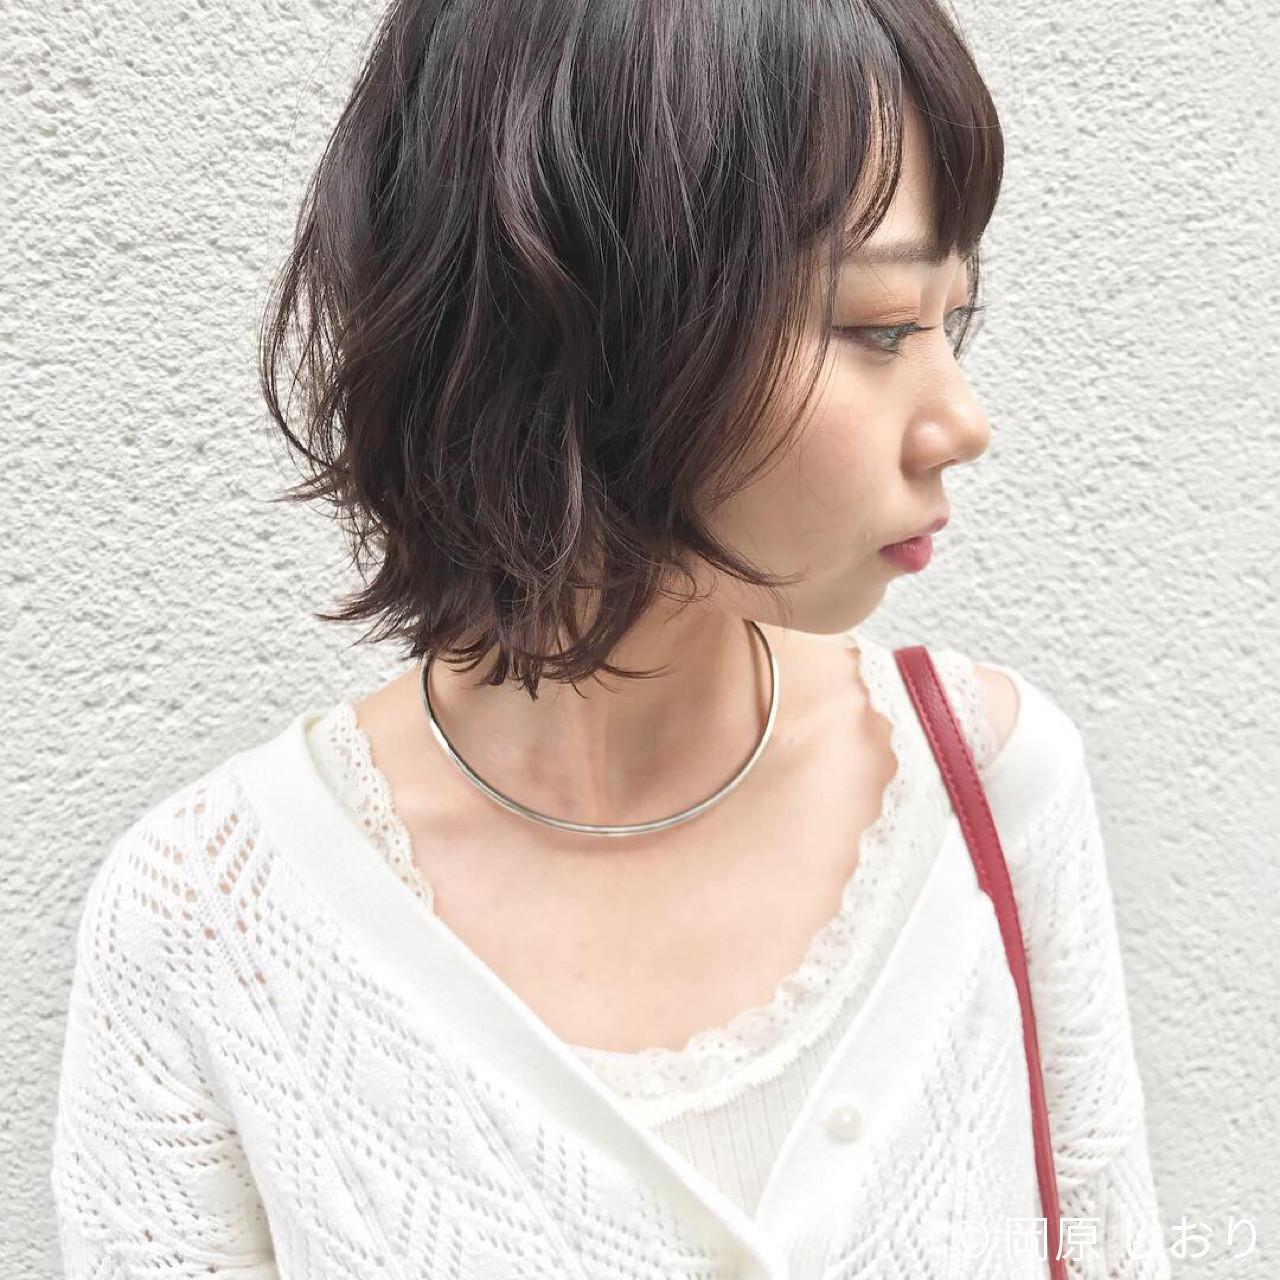 ウルフカット 女子力 ボブ 外ハネ ヘアスタイルや髪型の写真・画像